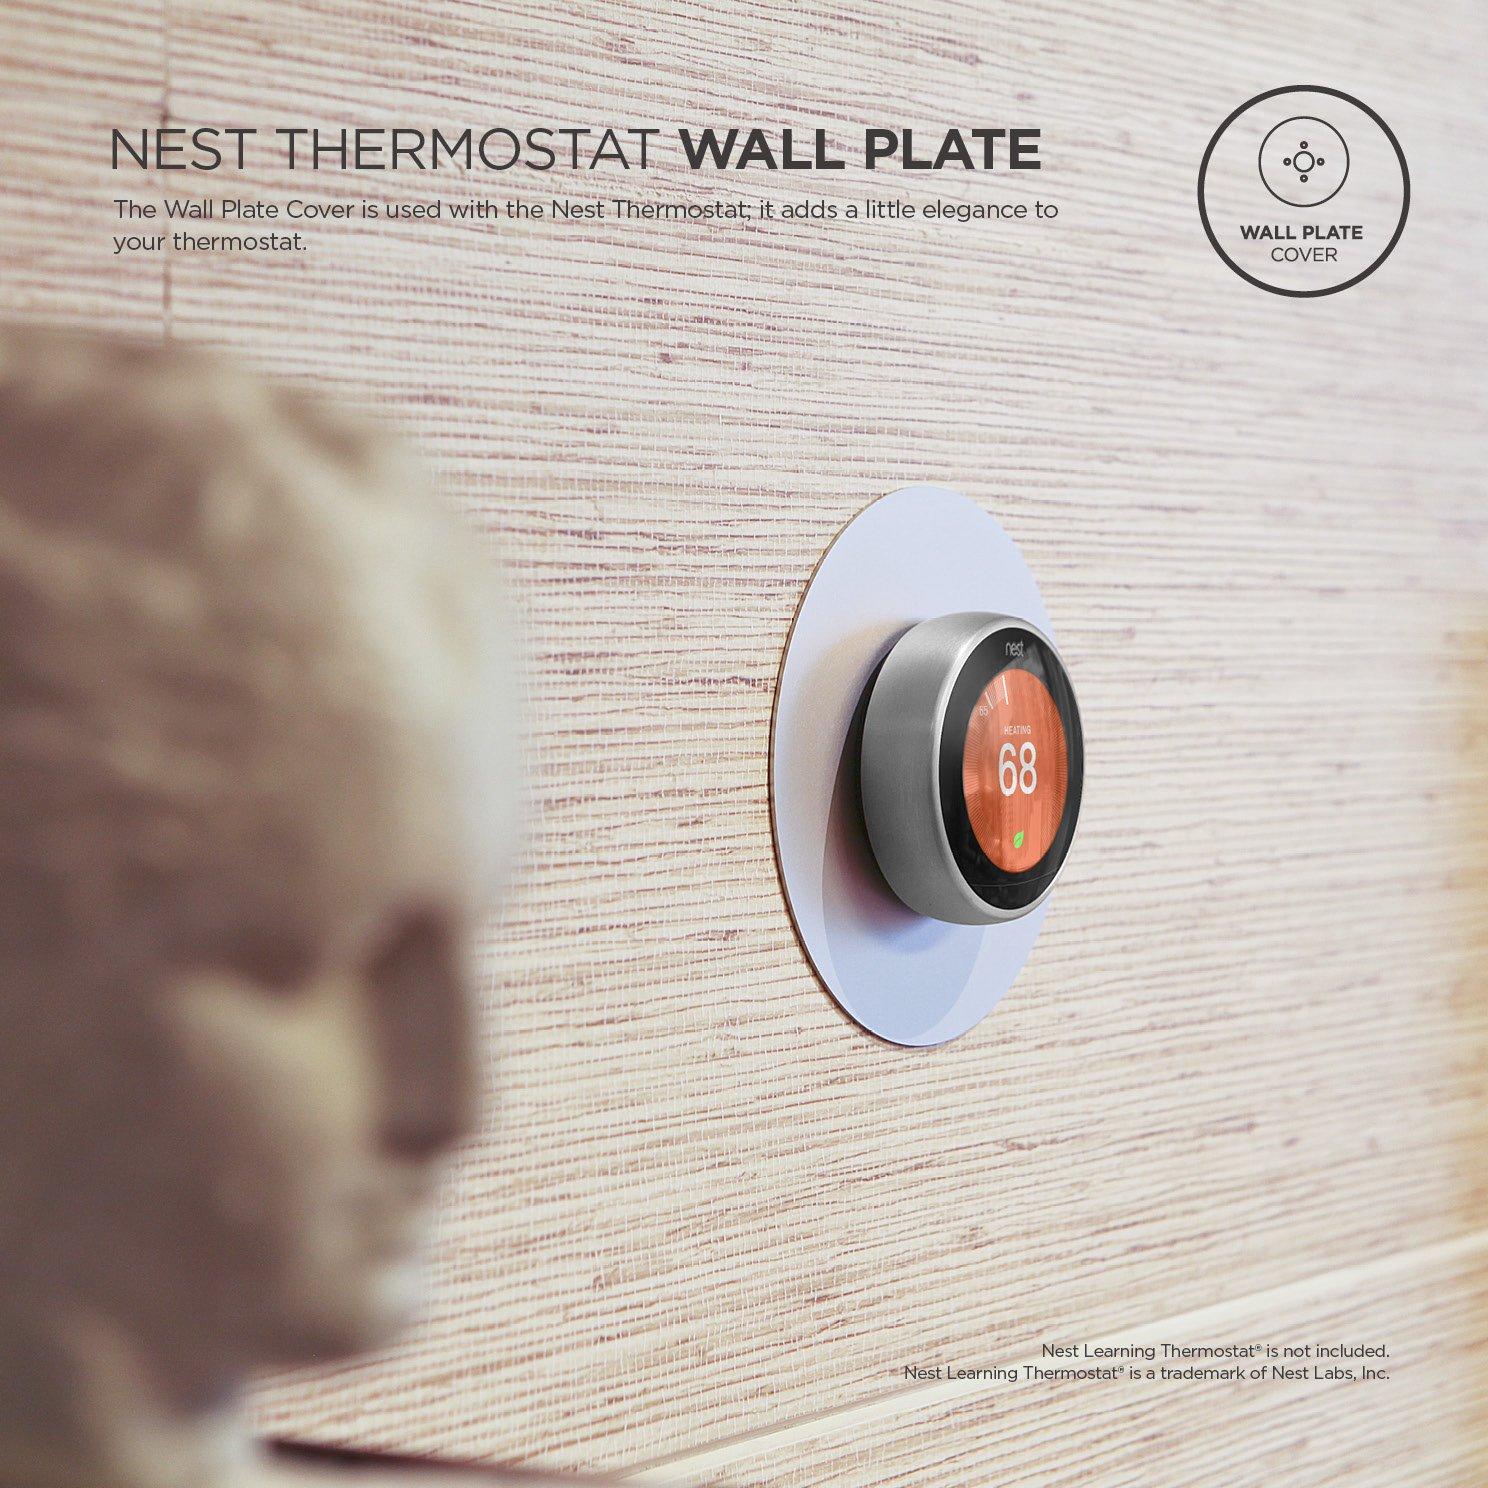 Elago Cubierta de la placa de pared para el termostato de aprendizaje de nidos Plata: Amazon.es: Hogar